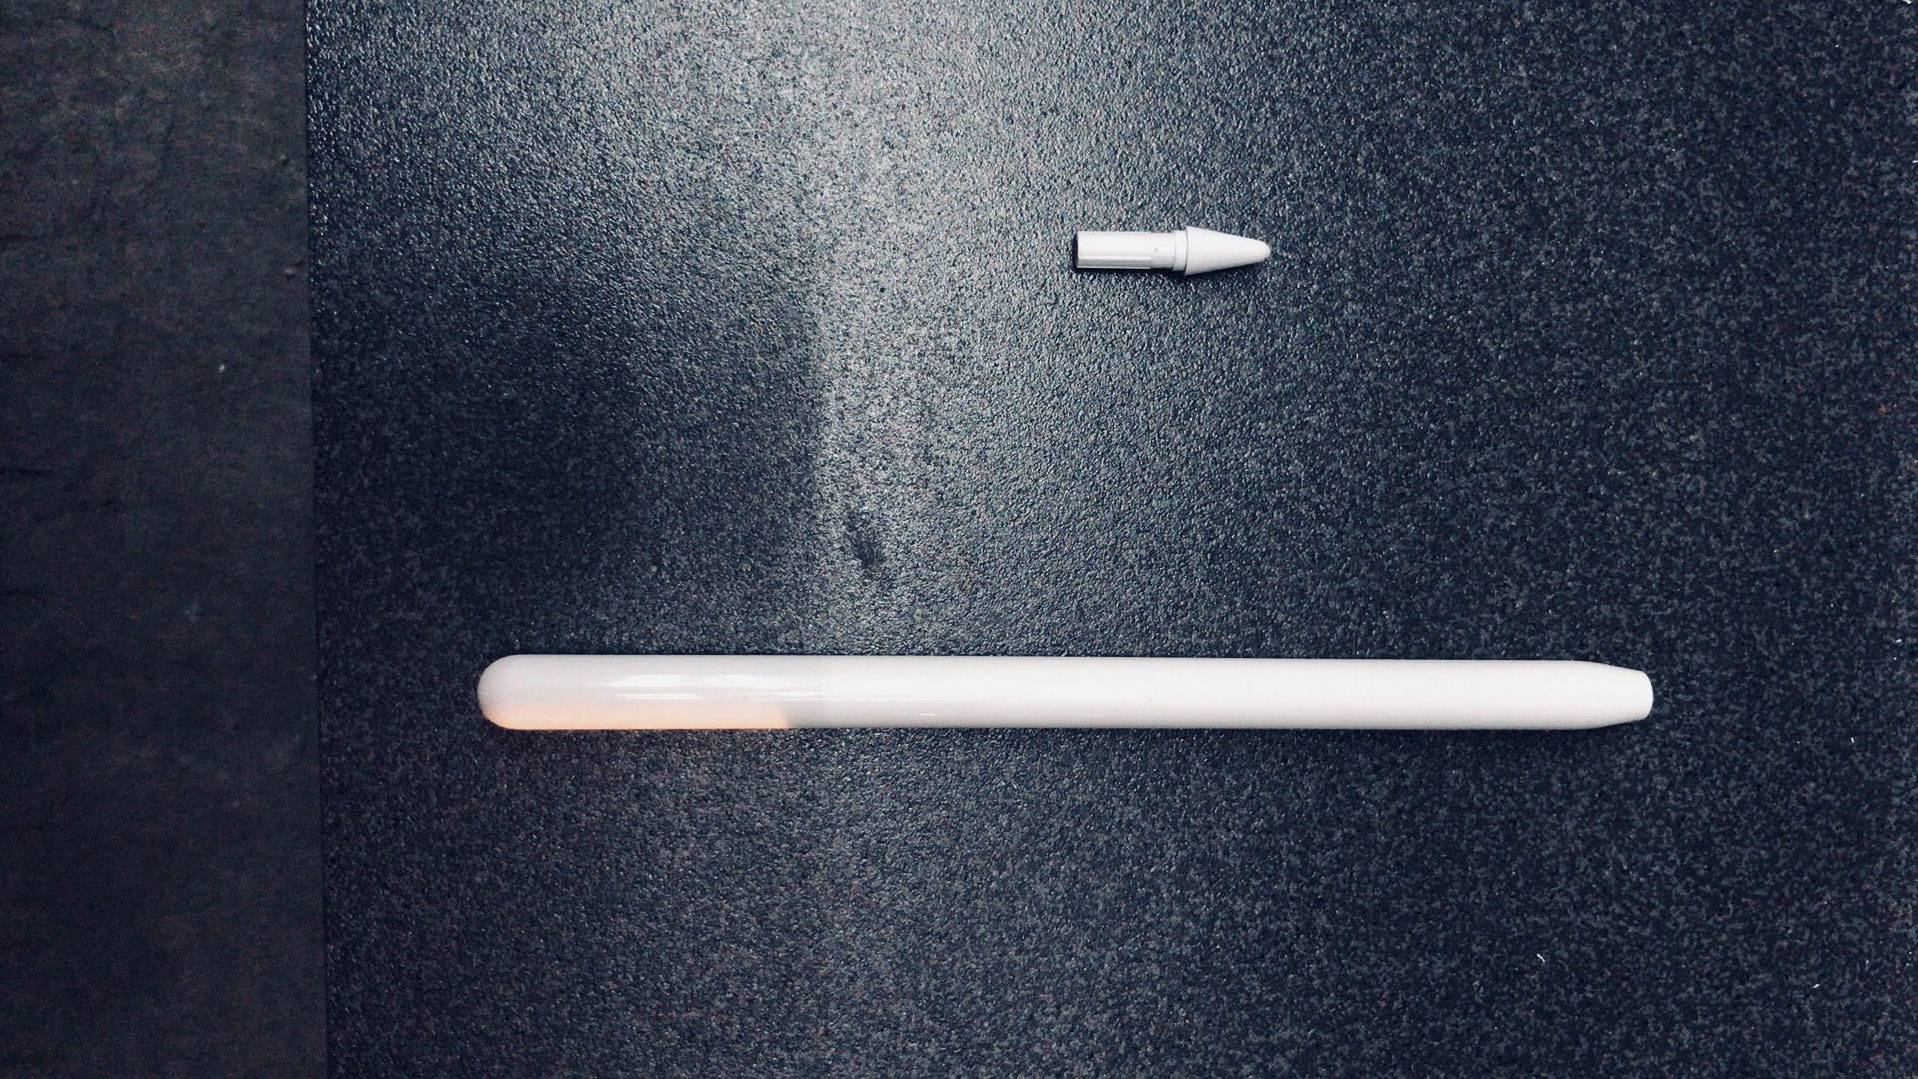 L'Apple Pencil 3 serait présenté lors de la prochaine Keynote.